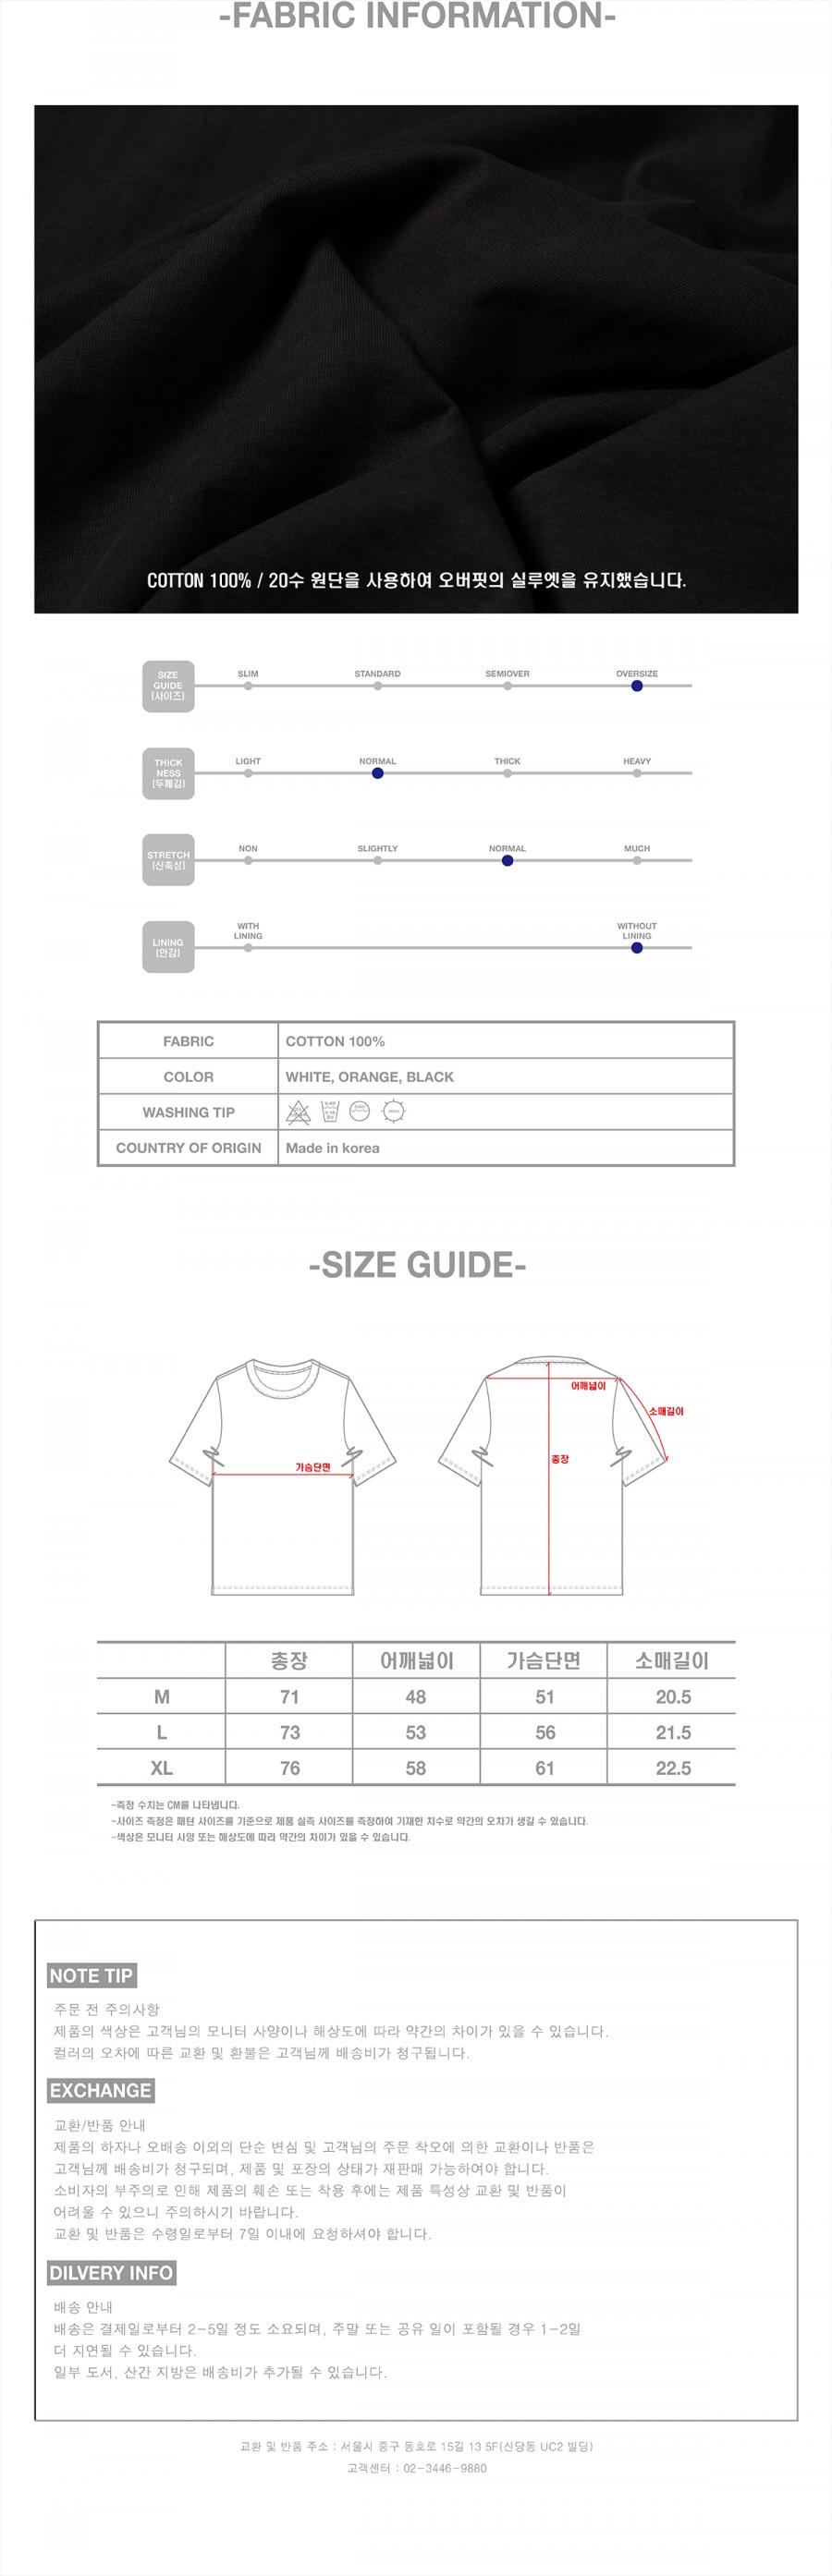 캐스퍼존아이바(CASPERJOHNAIVER) 나이트 스트렉쳐 오버 티셔츠(블랙)